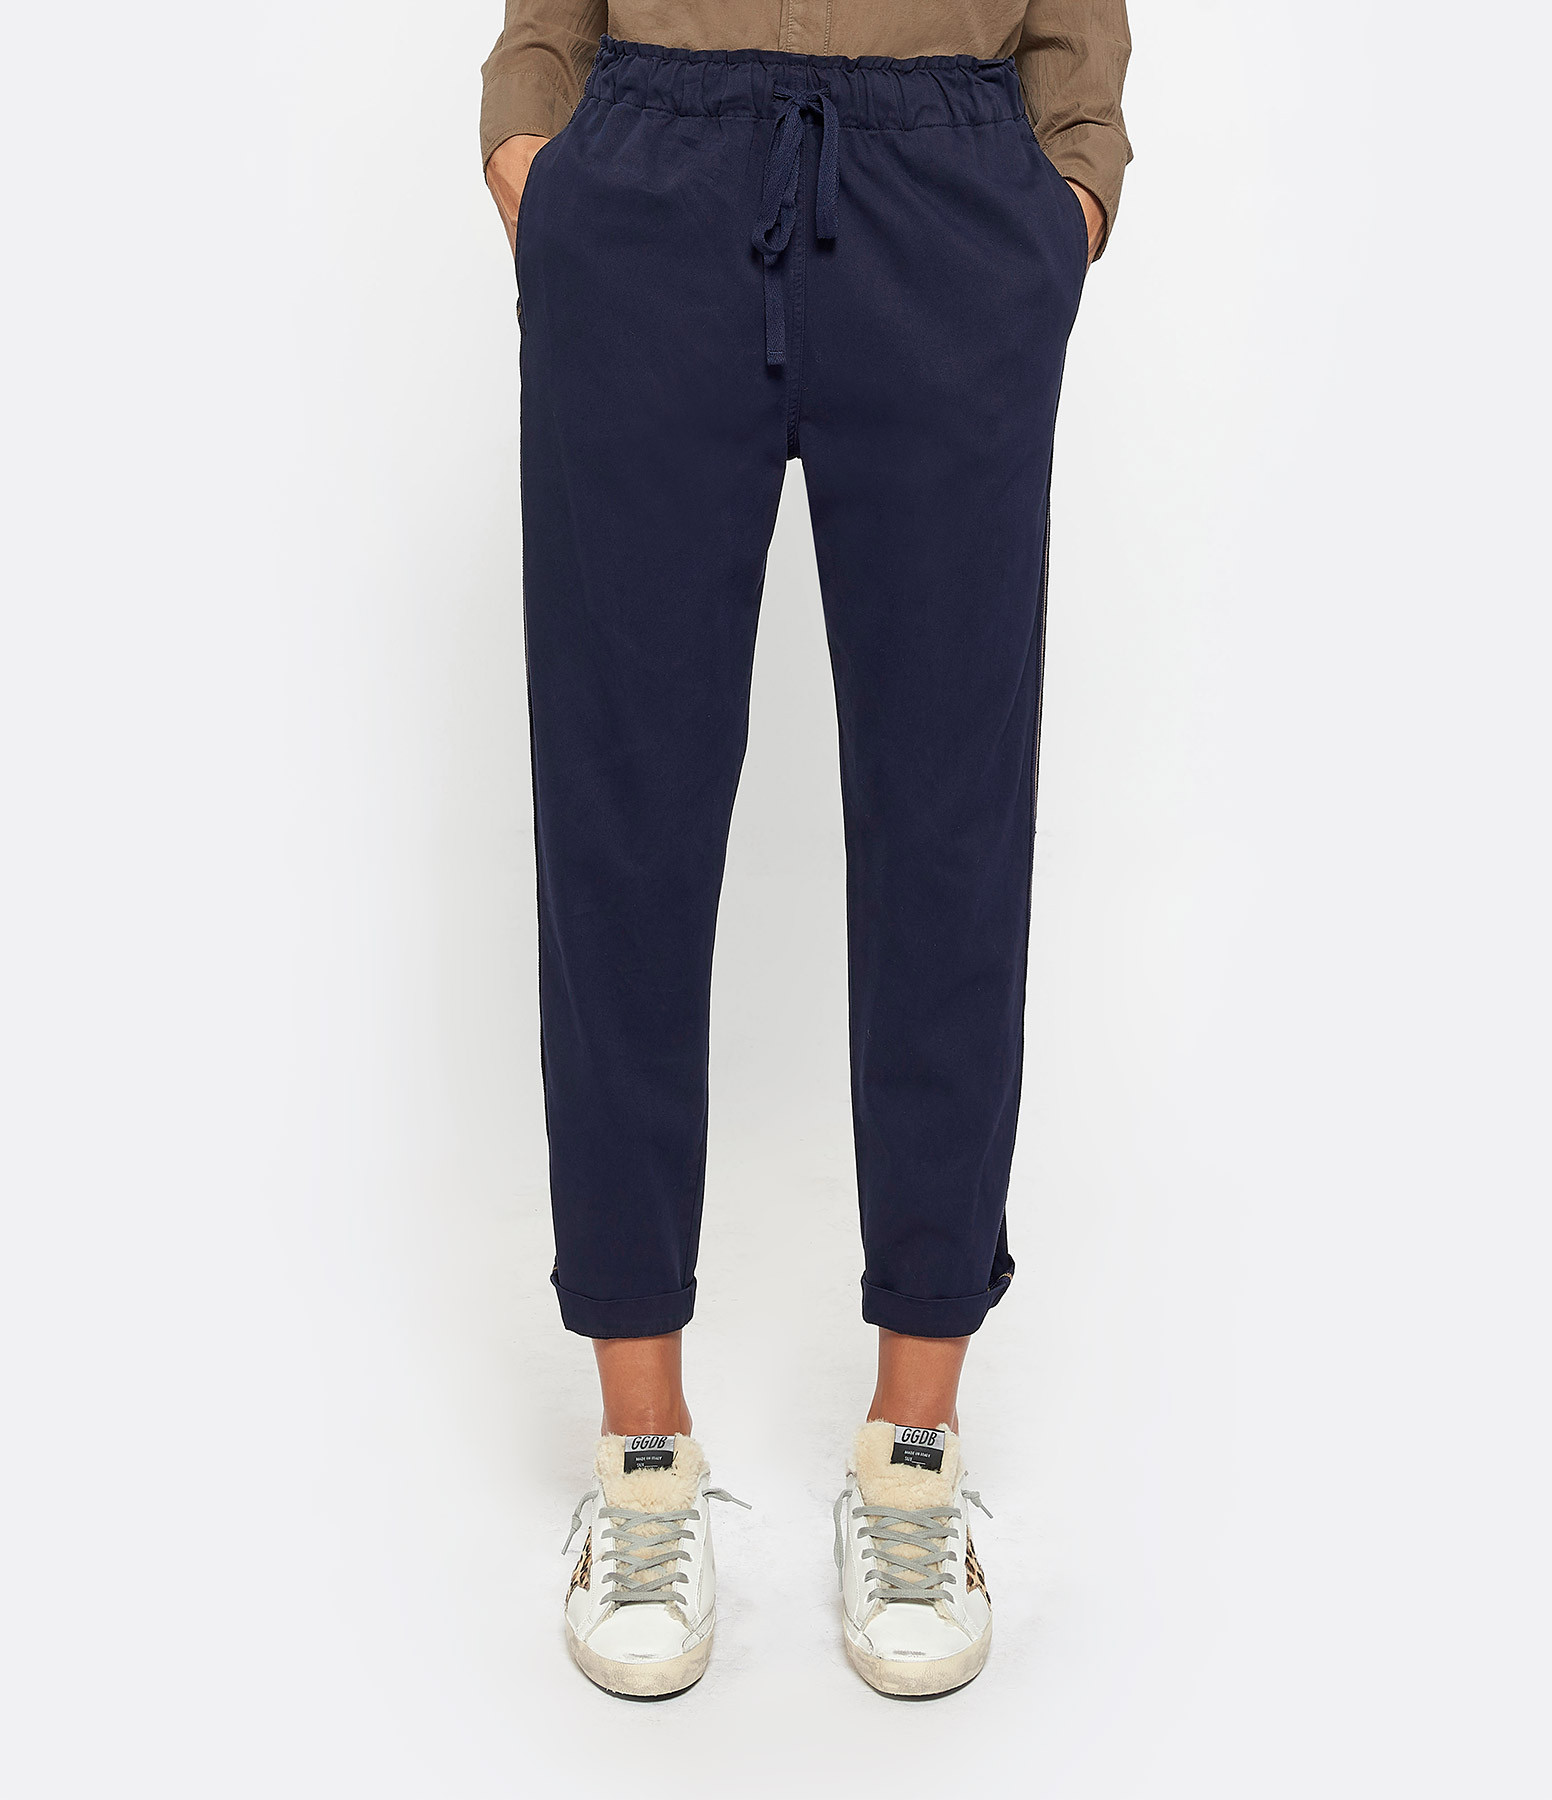 XIRENA - Pantalon Rex Encre Bleu